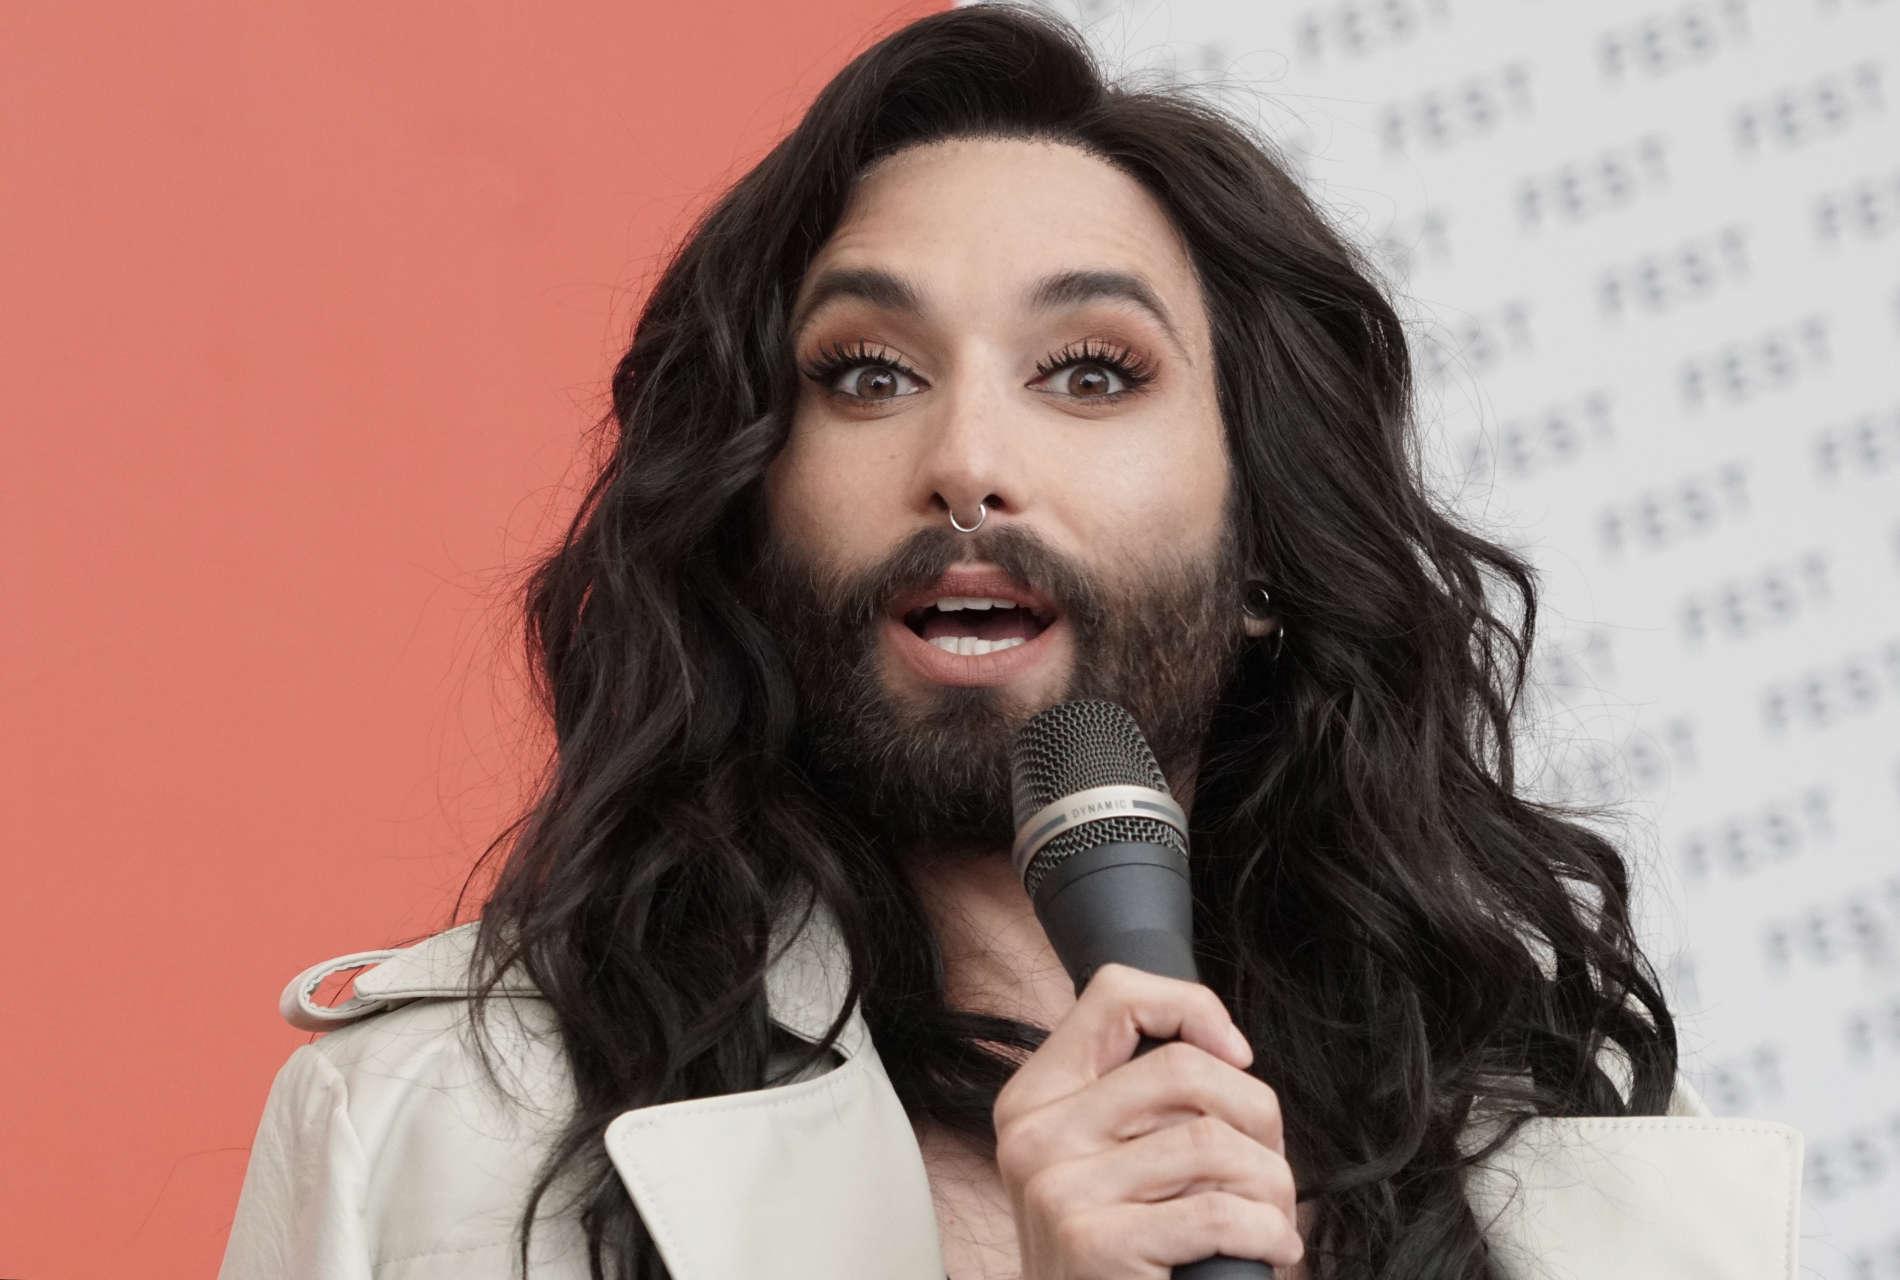 Conchita, die sich früher Wurst nannte.